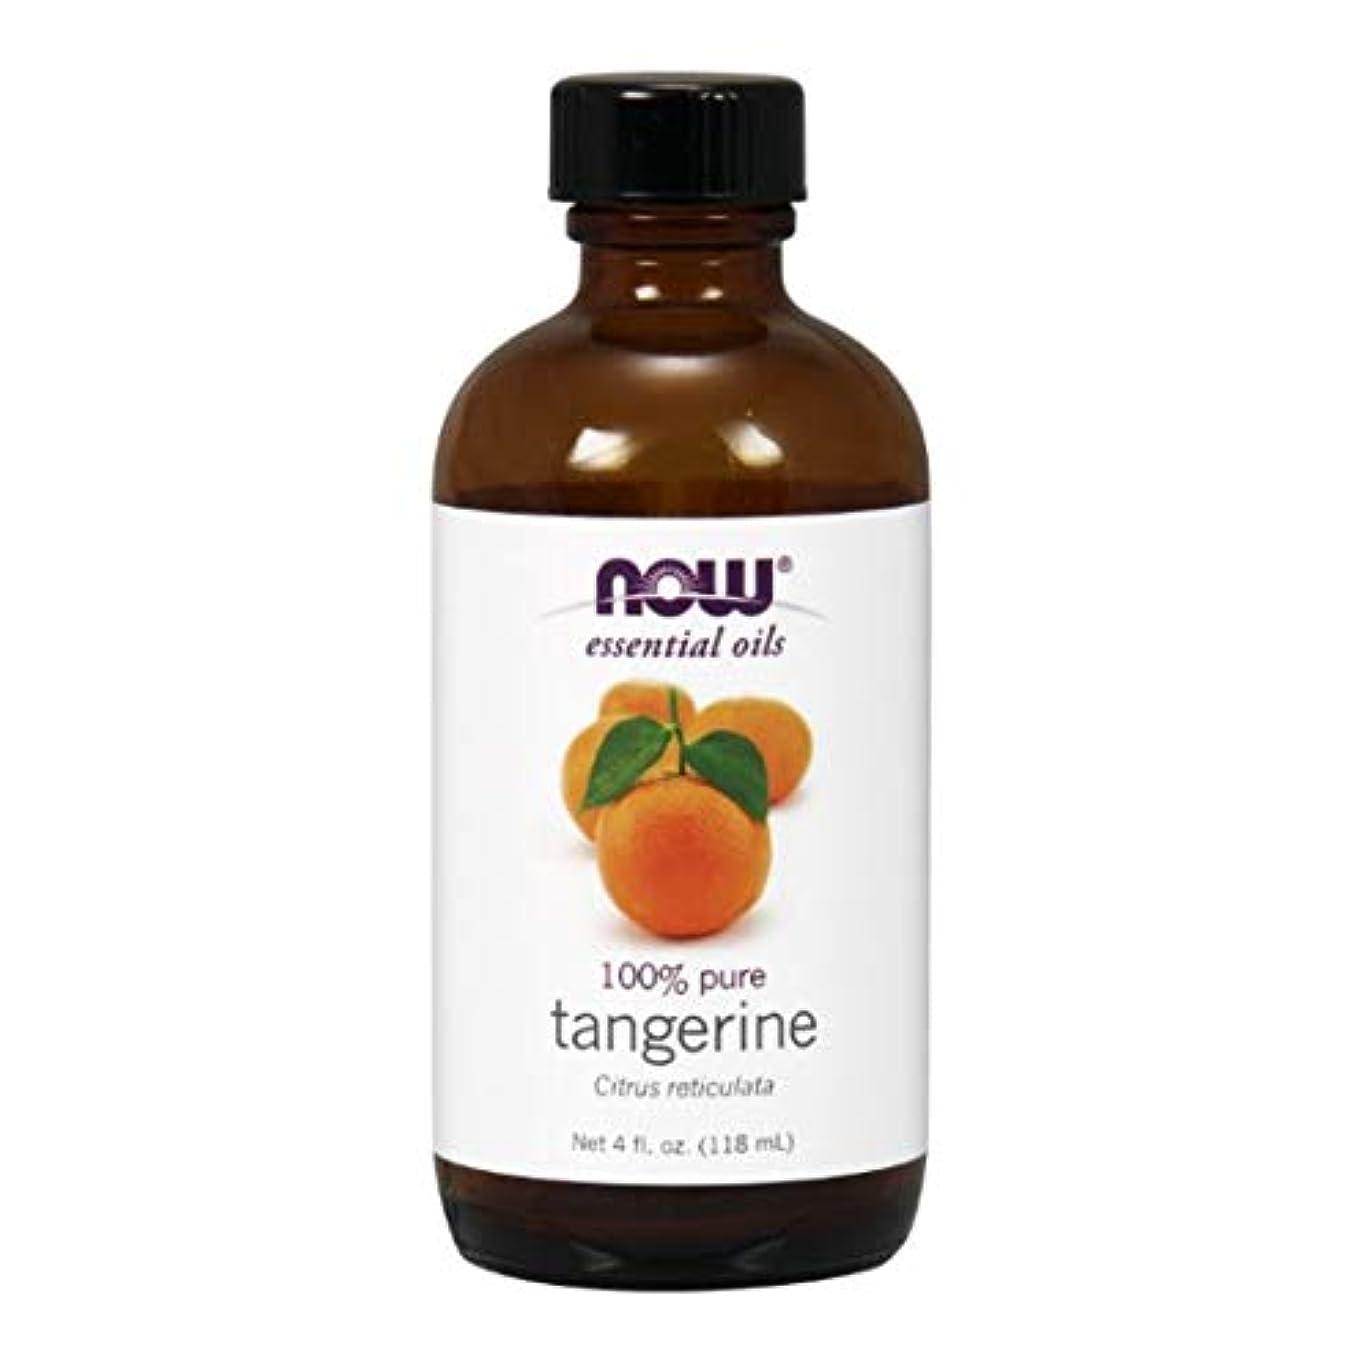 オン特定のライターNow - Tangerine Oil 100% Pure 4 oz (118 ml) [並行輸入品]